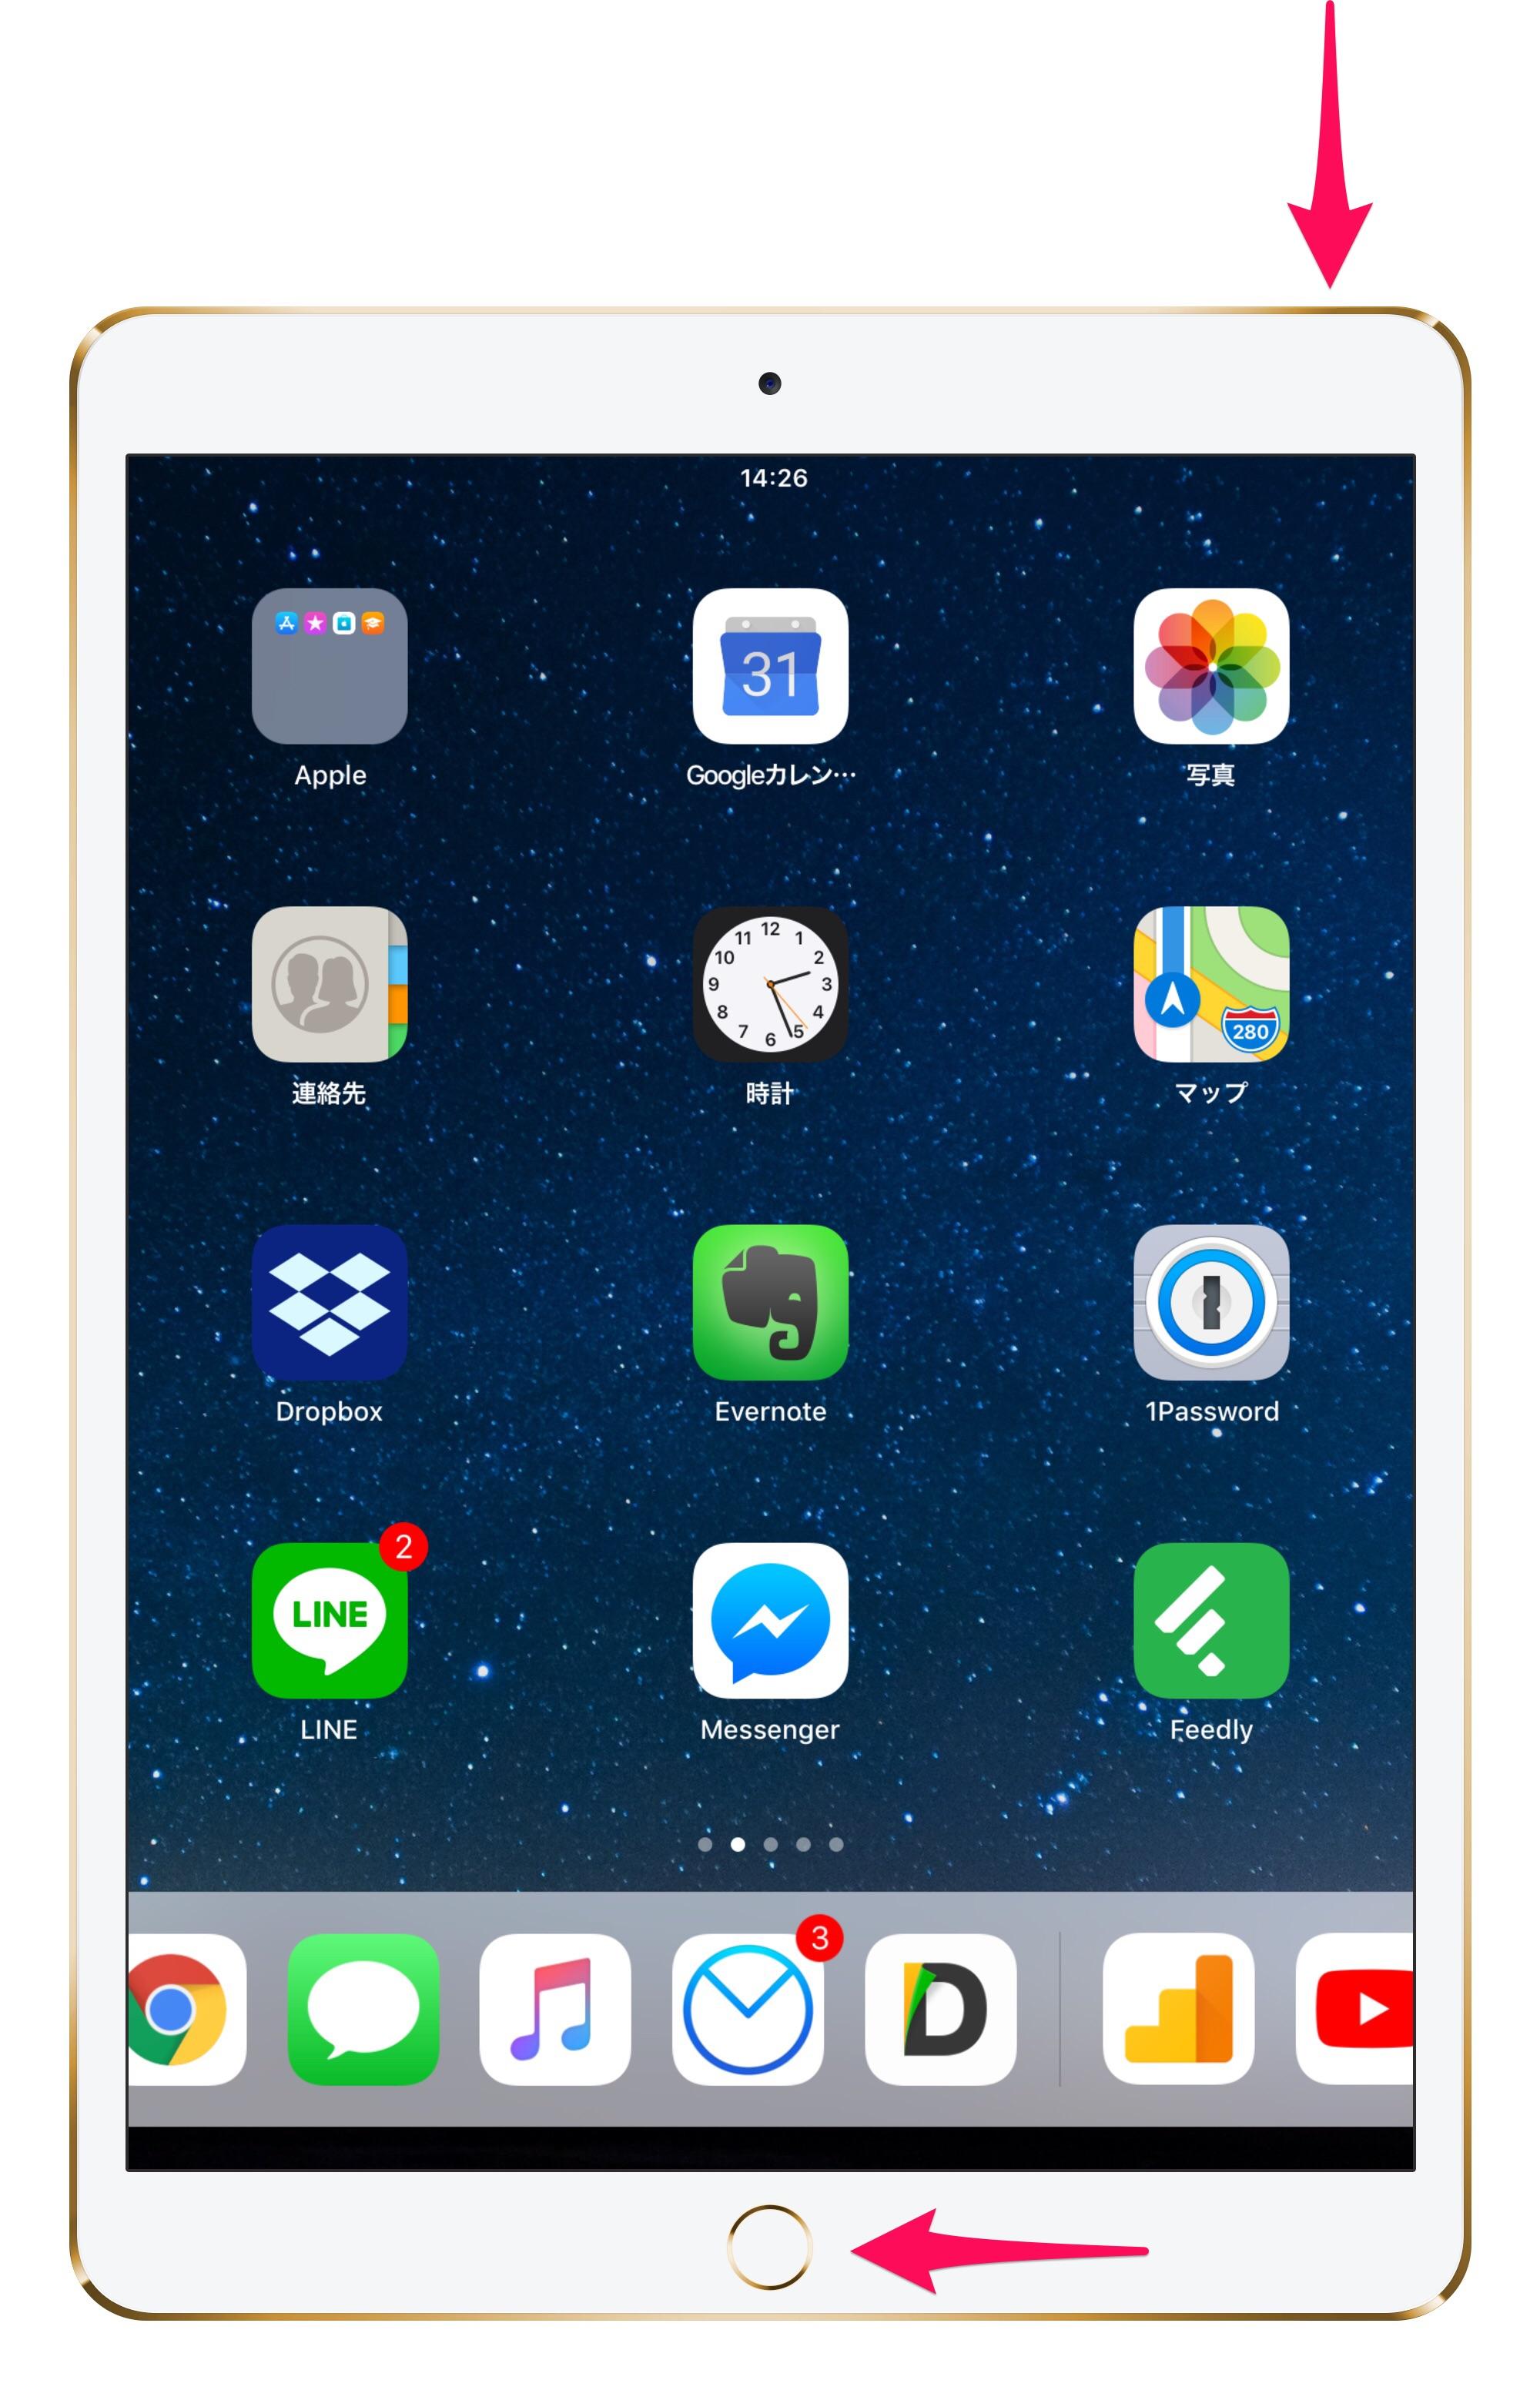 iPadでスクリーンショットを撮る